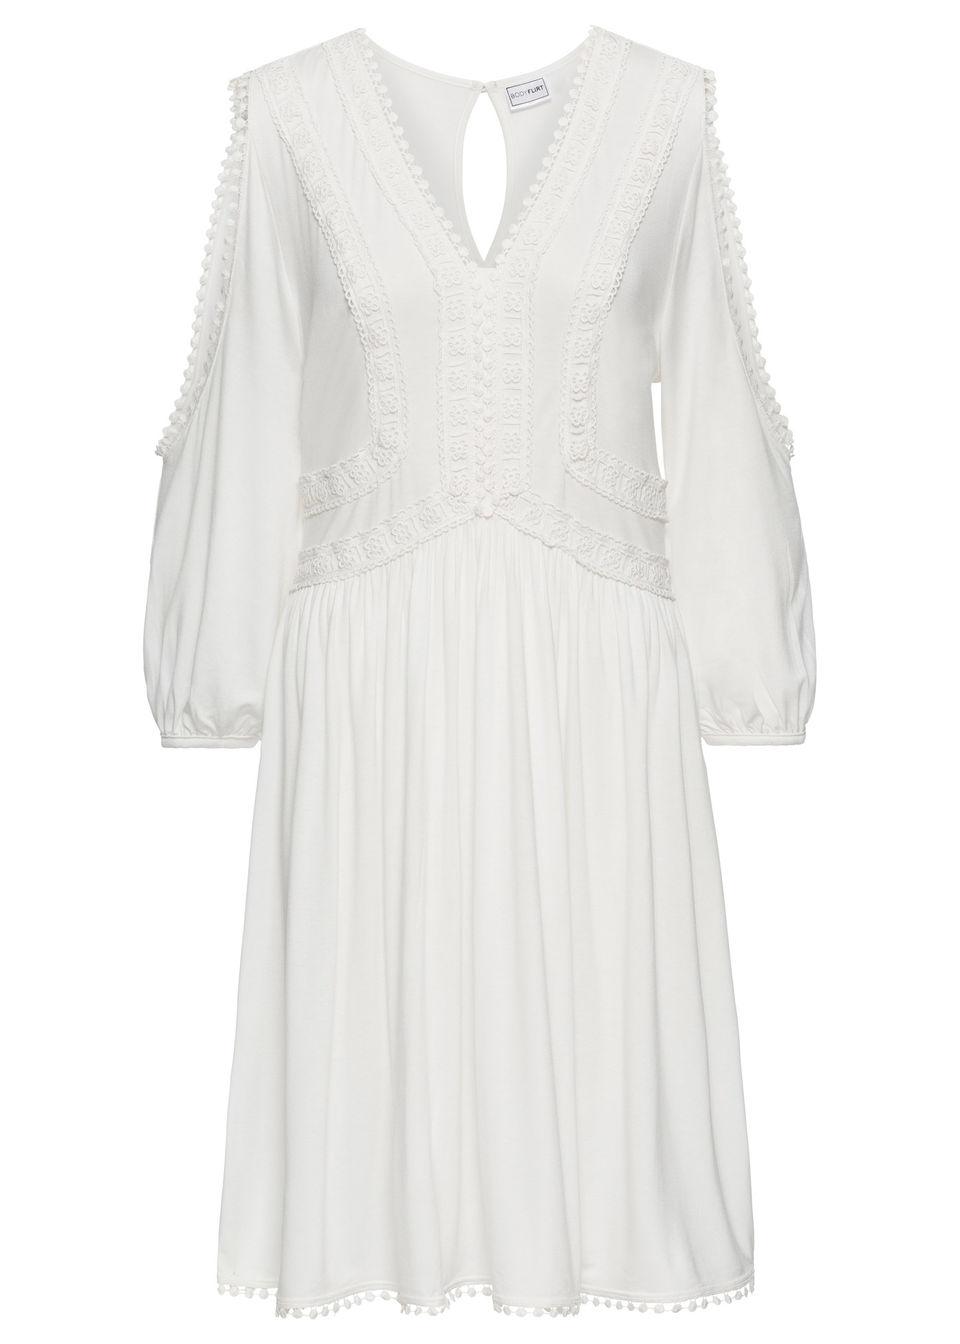 Купить Трикотажное платье с кружевной отделкой, bonprix, цвет белой шерсти